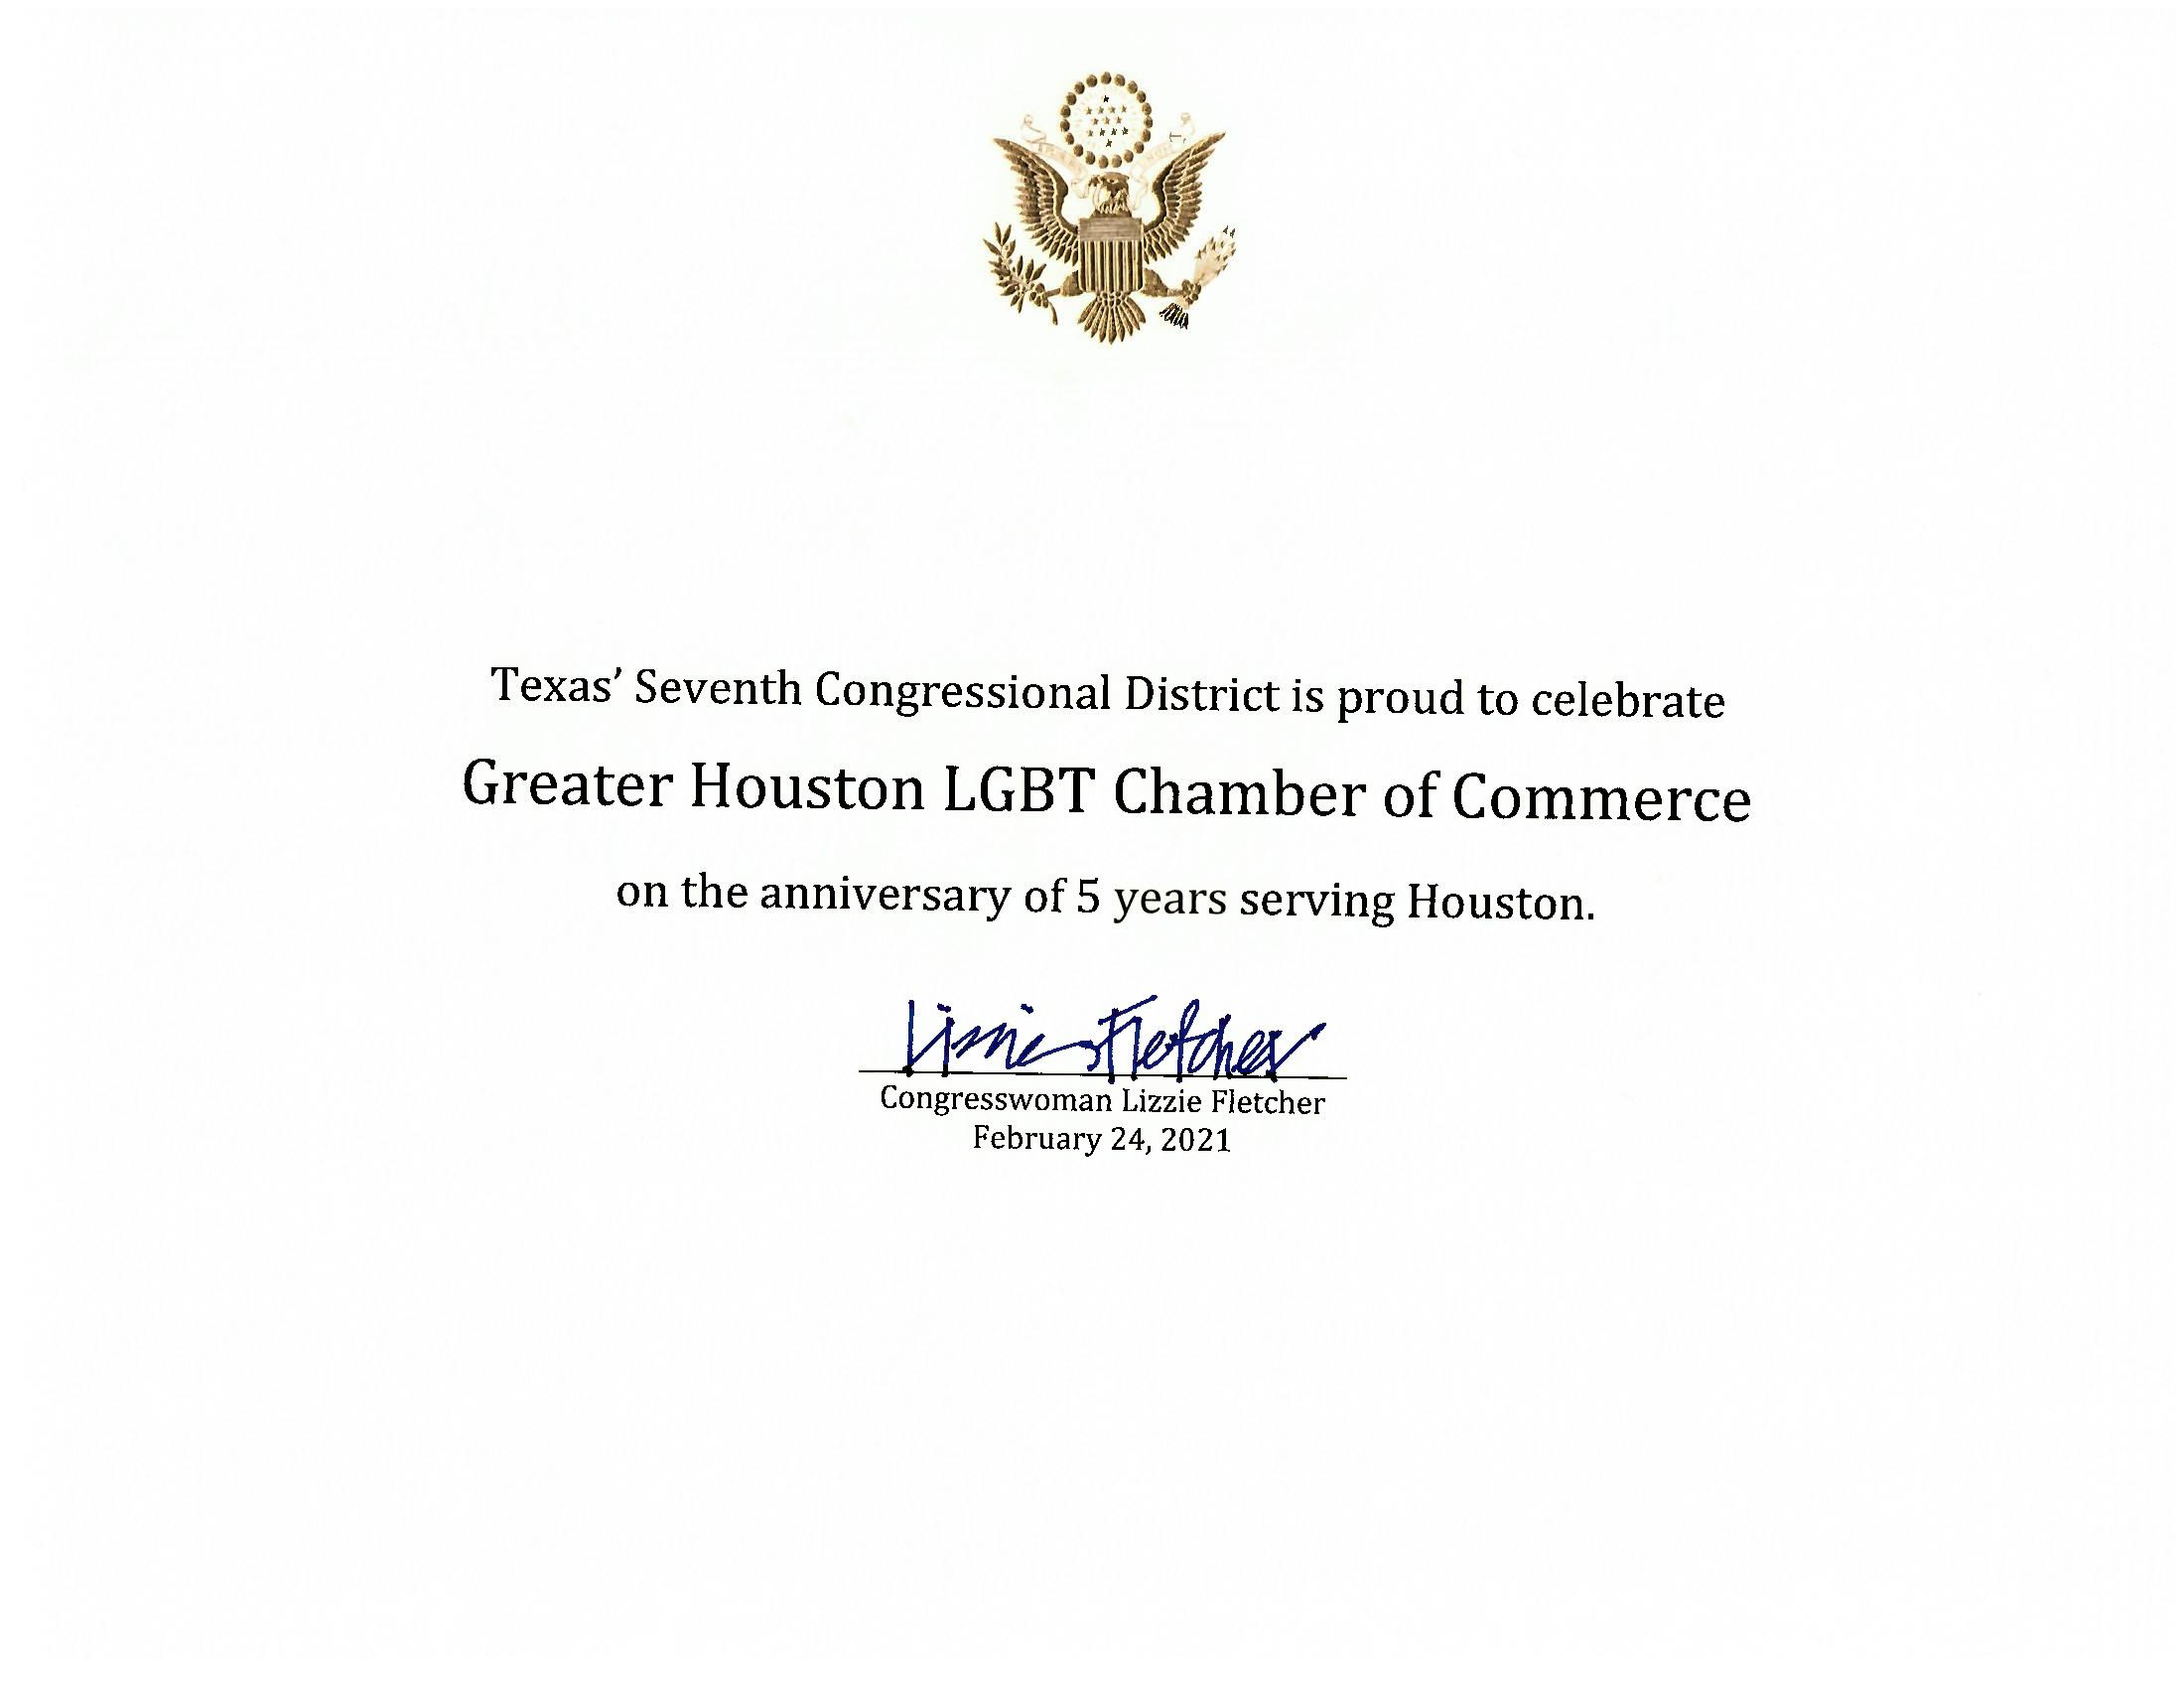 Anniversary Acknowledgement from CM Lizzie Fletcher